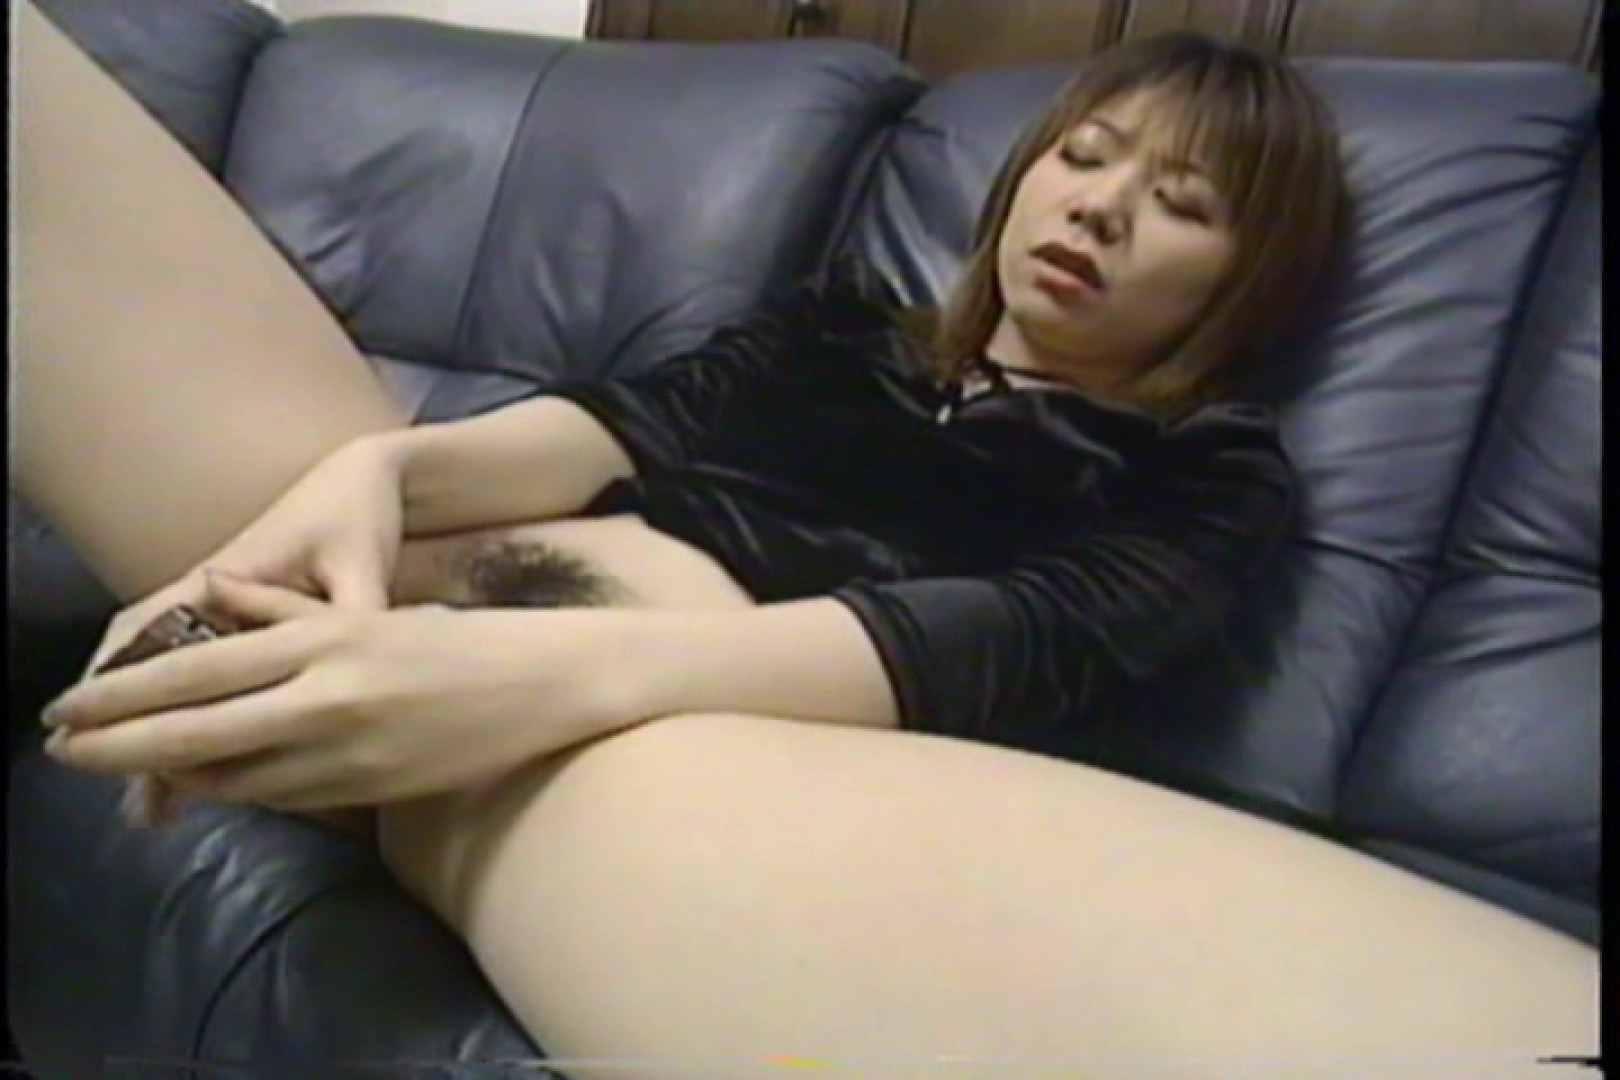 かわいい人妻、巨乳が疼いて止まらない~飯島れいか~ バイブ最高 ワレメ動画紹介 93枚 53